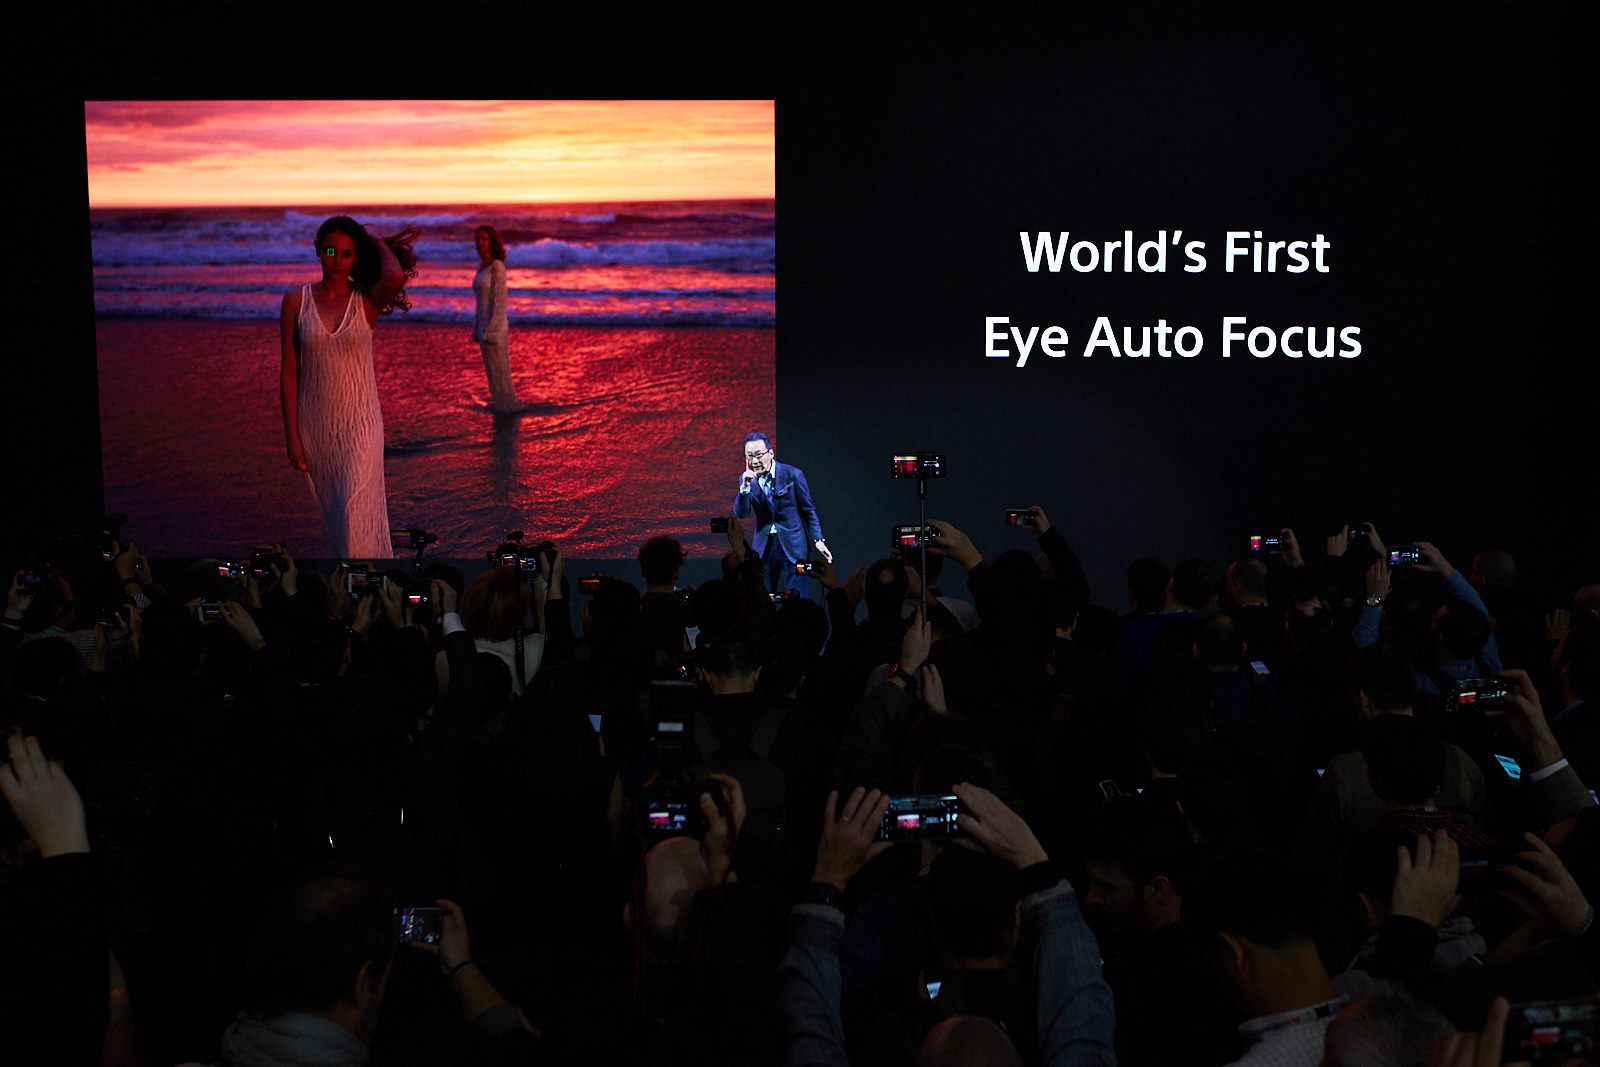 Sếp Sony lí giải tại sao camera trên Xperia không theo kịp đối thủ, dù họ có thừa nền tảng